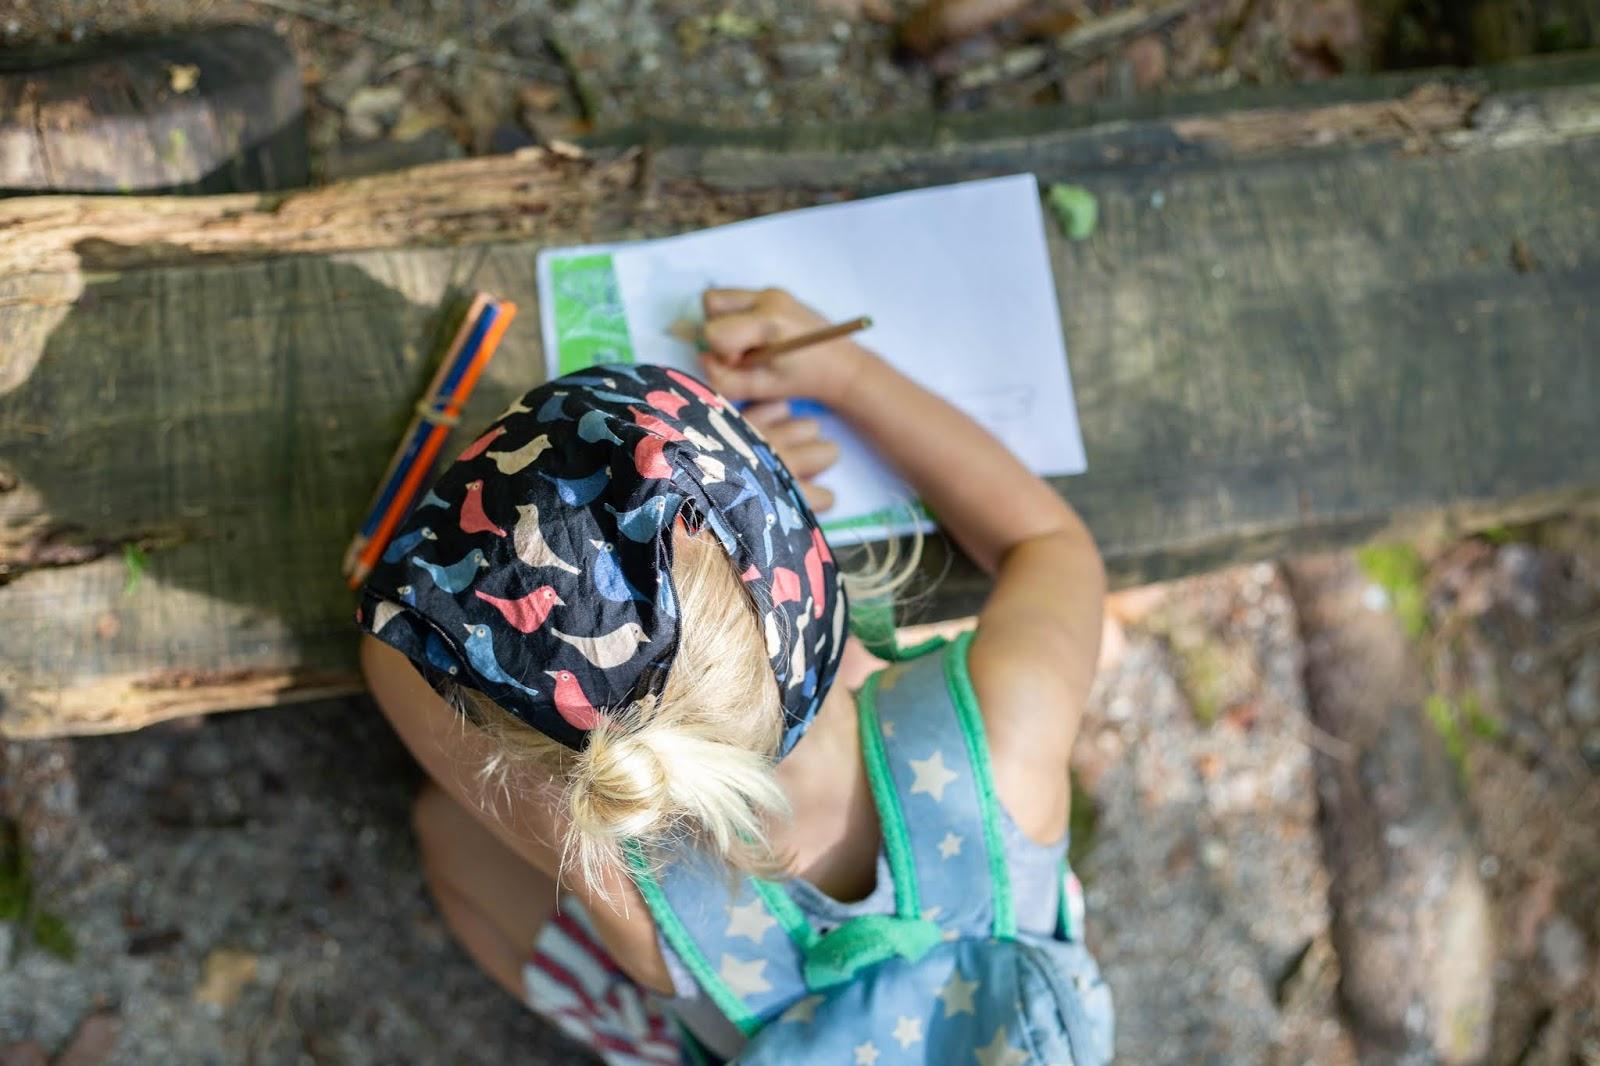 https://www.notebook.ldmailys.com/2019/07/une-chasse-au-tresor-dans-les-bois-chez.html